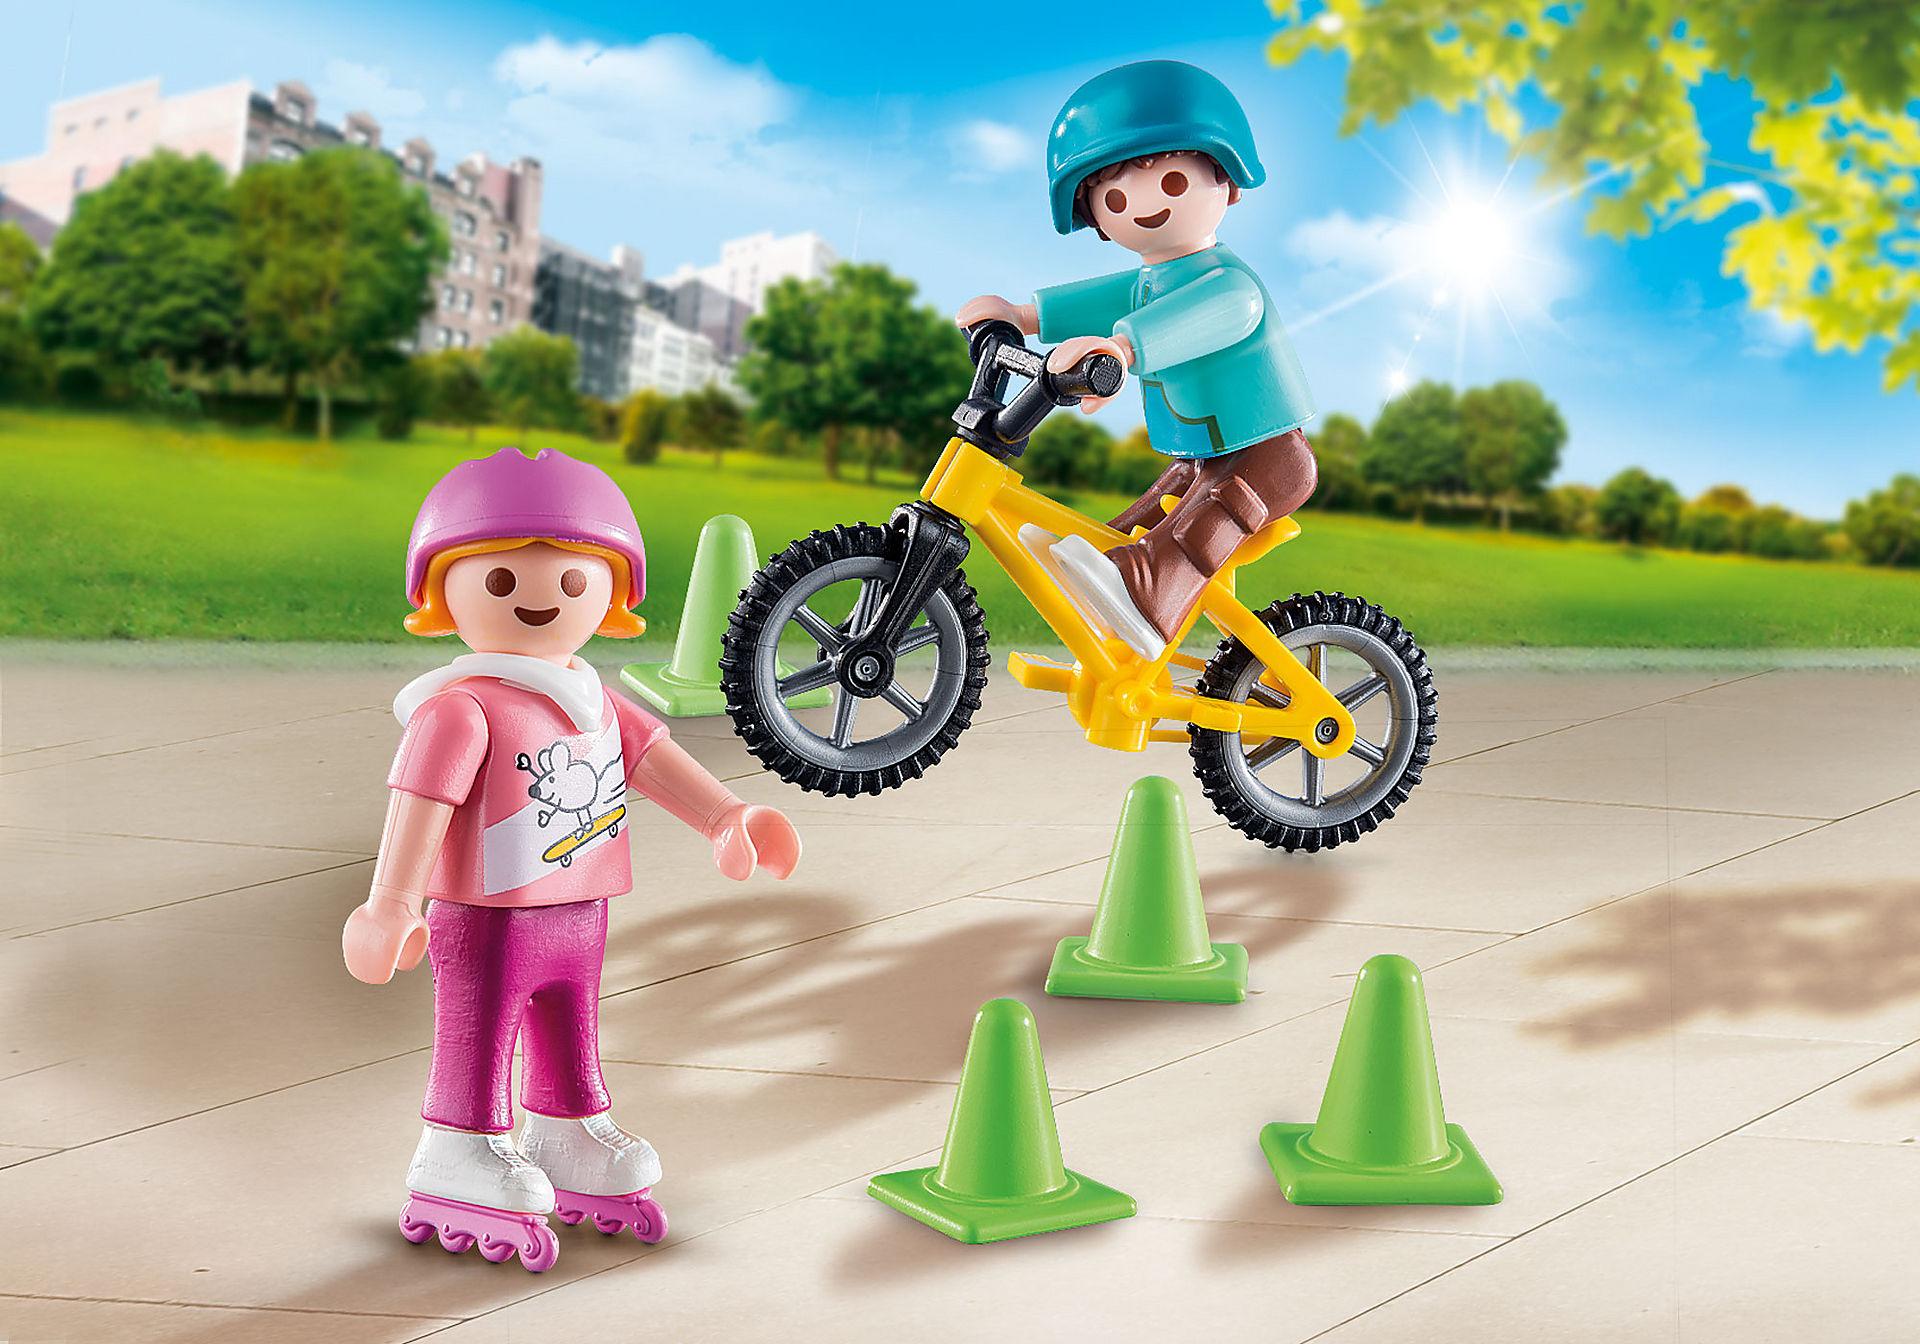 http://media.playmobil.com/i/playmobil/70061_product_detail/Børn med skøjter og cykel